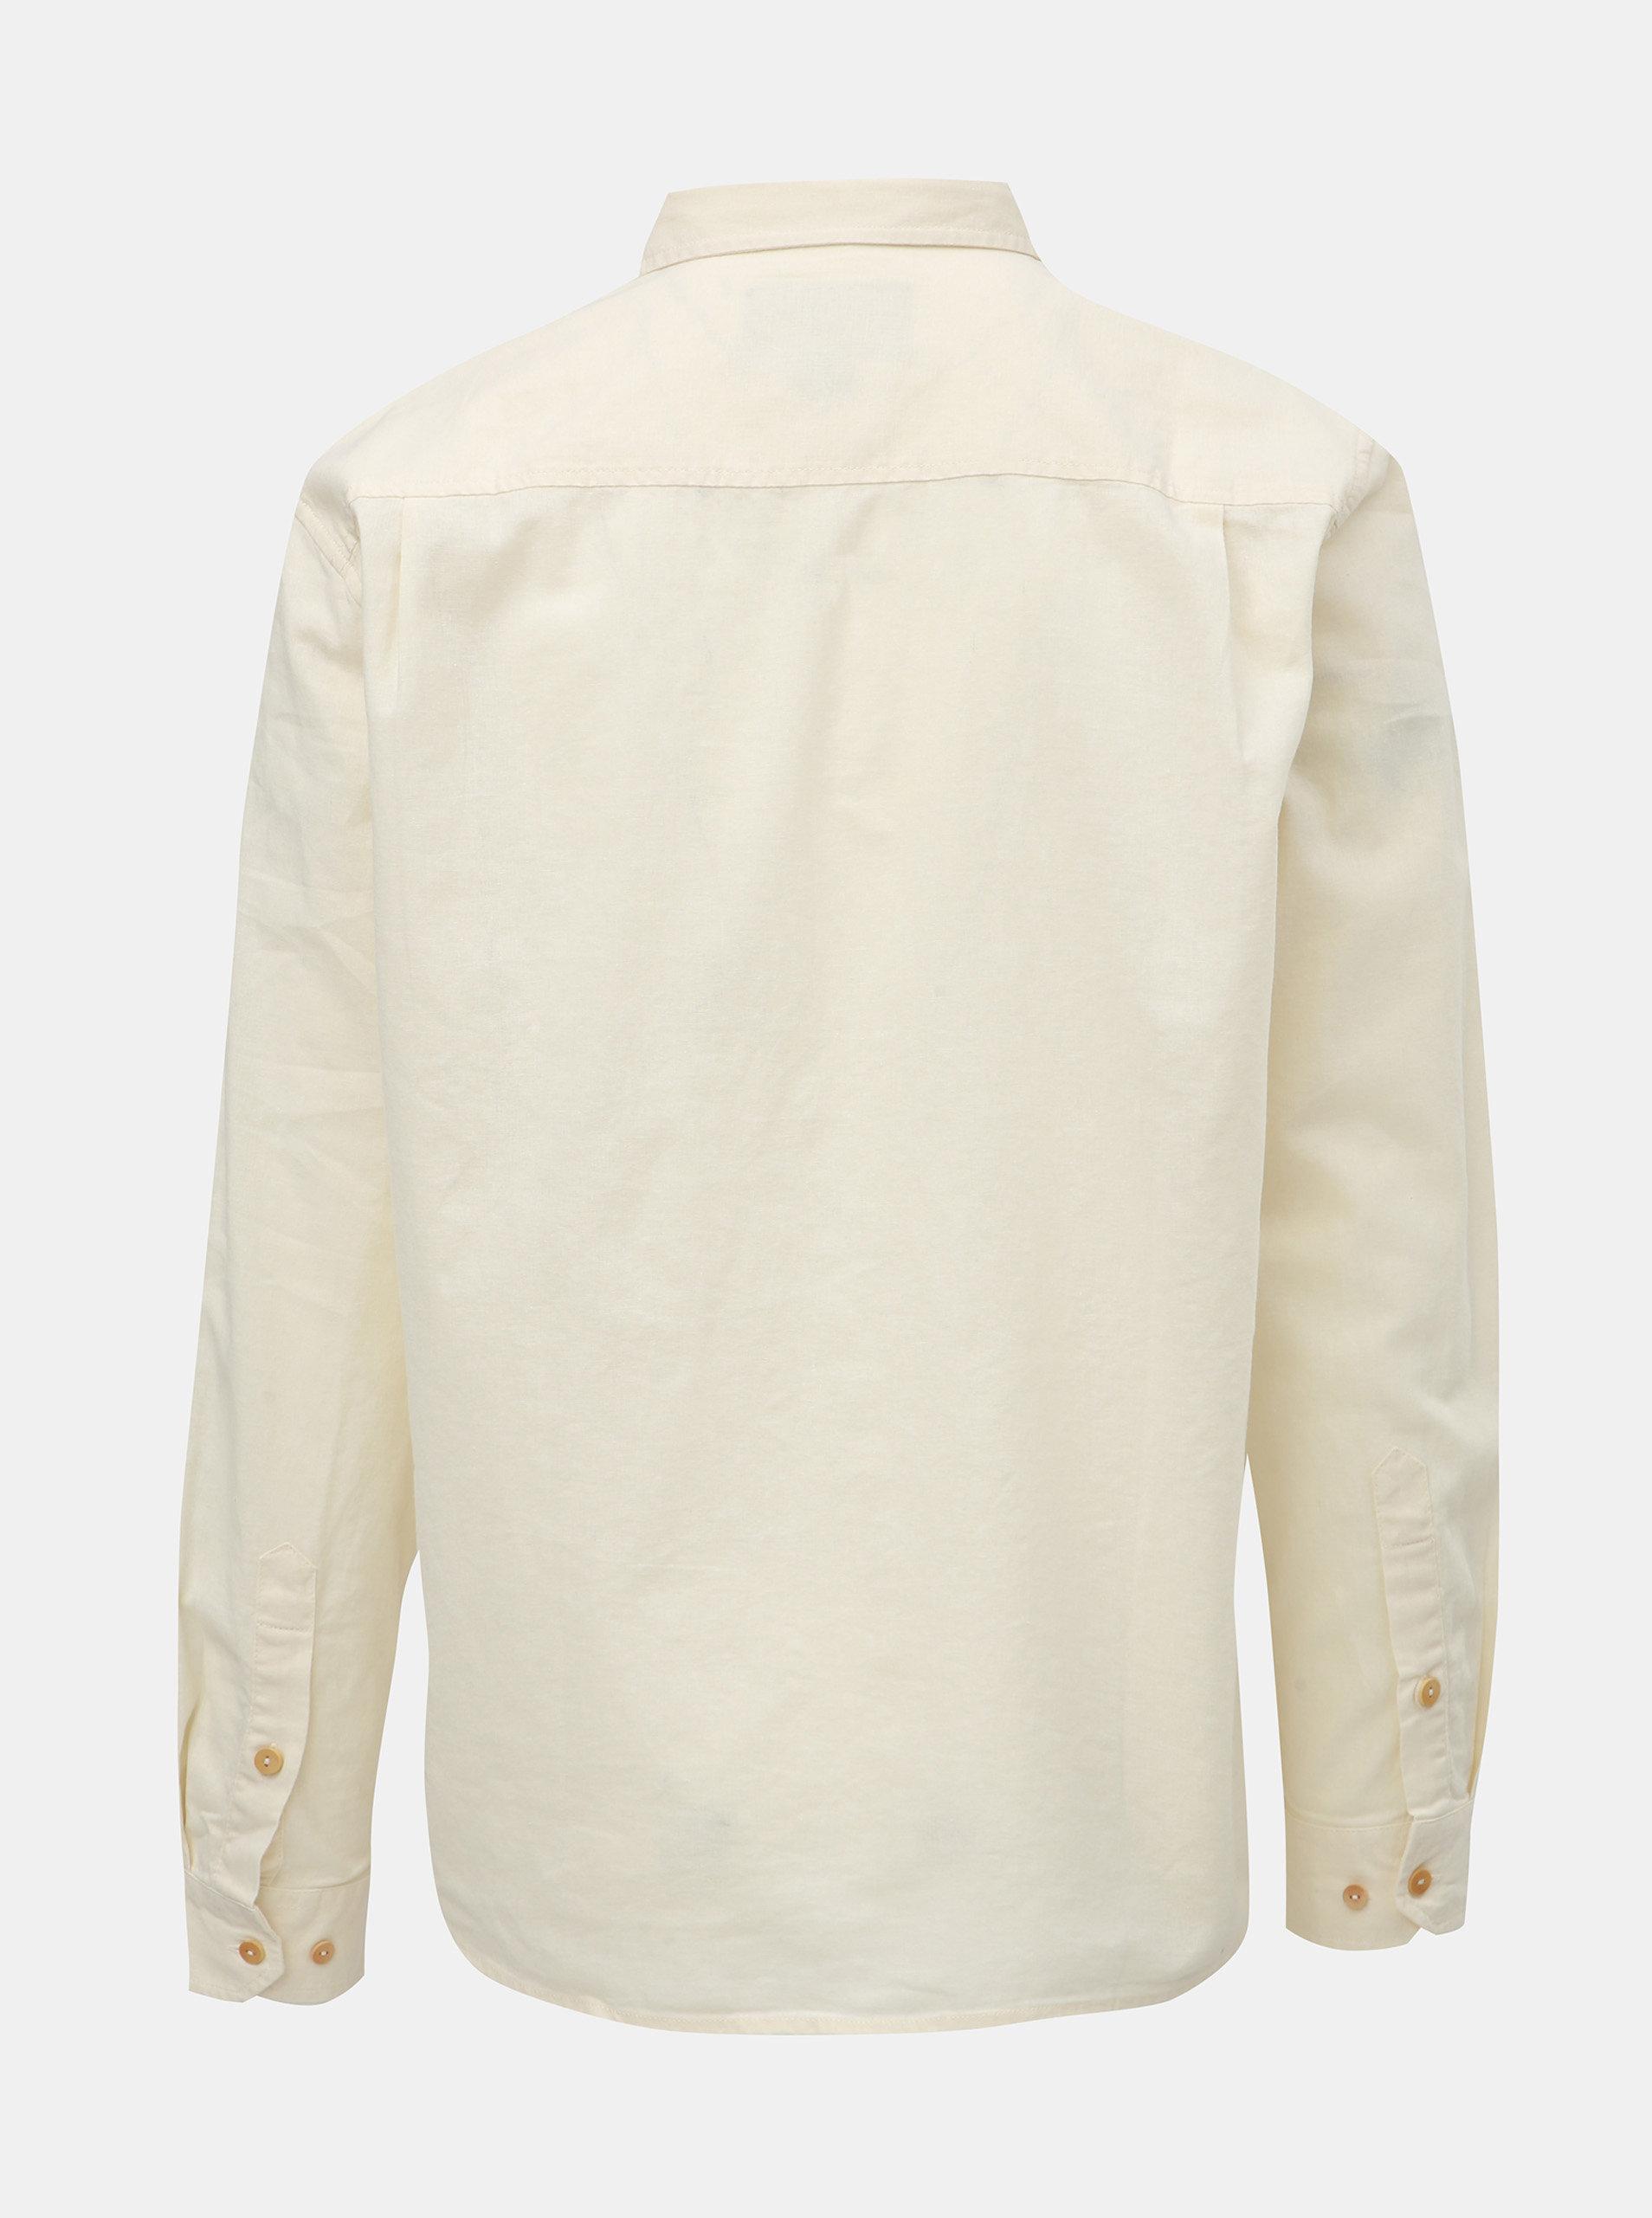 Krémová pánská lněná košile s náprsní kapsou BUSHMAN Trafalgar ... e6af4f67a5